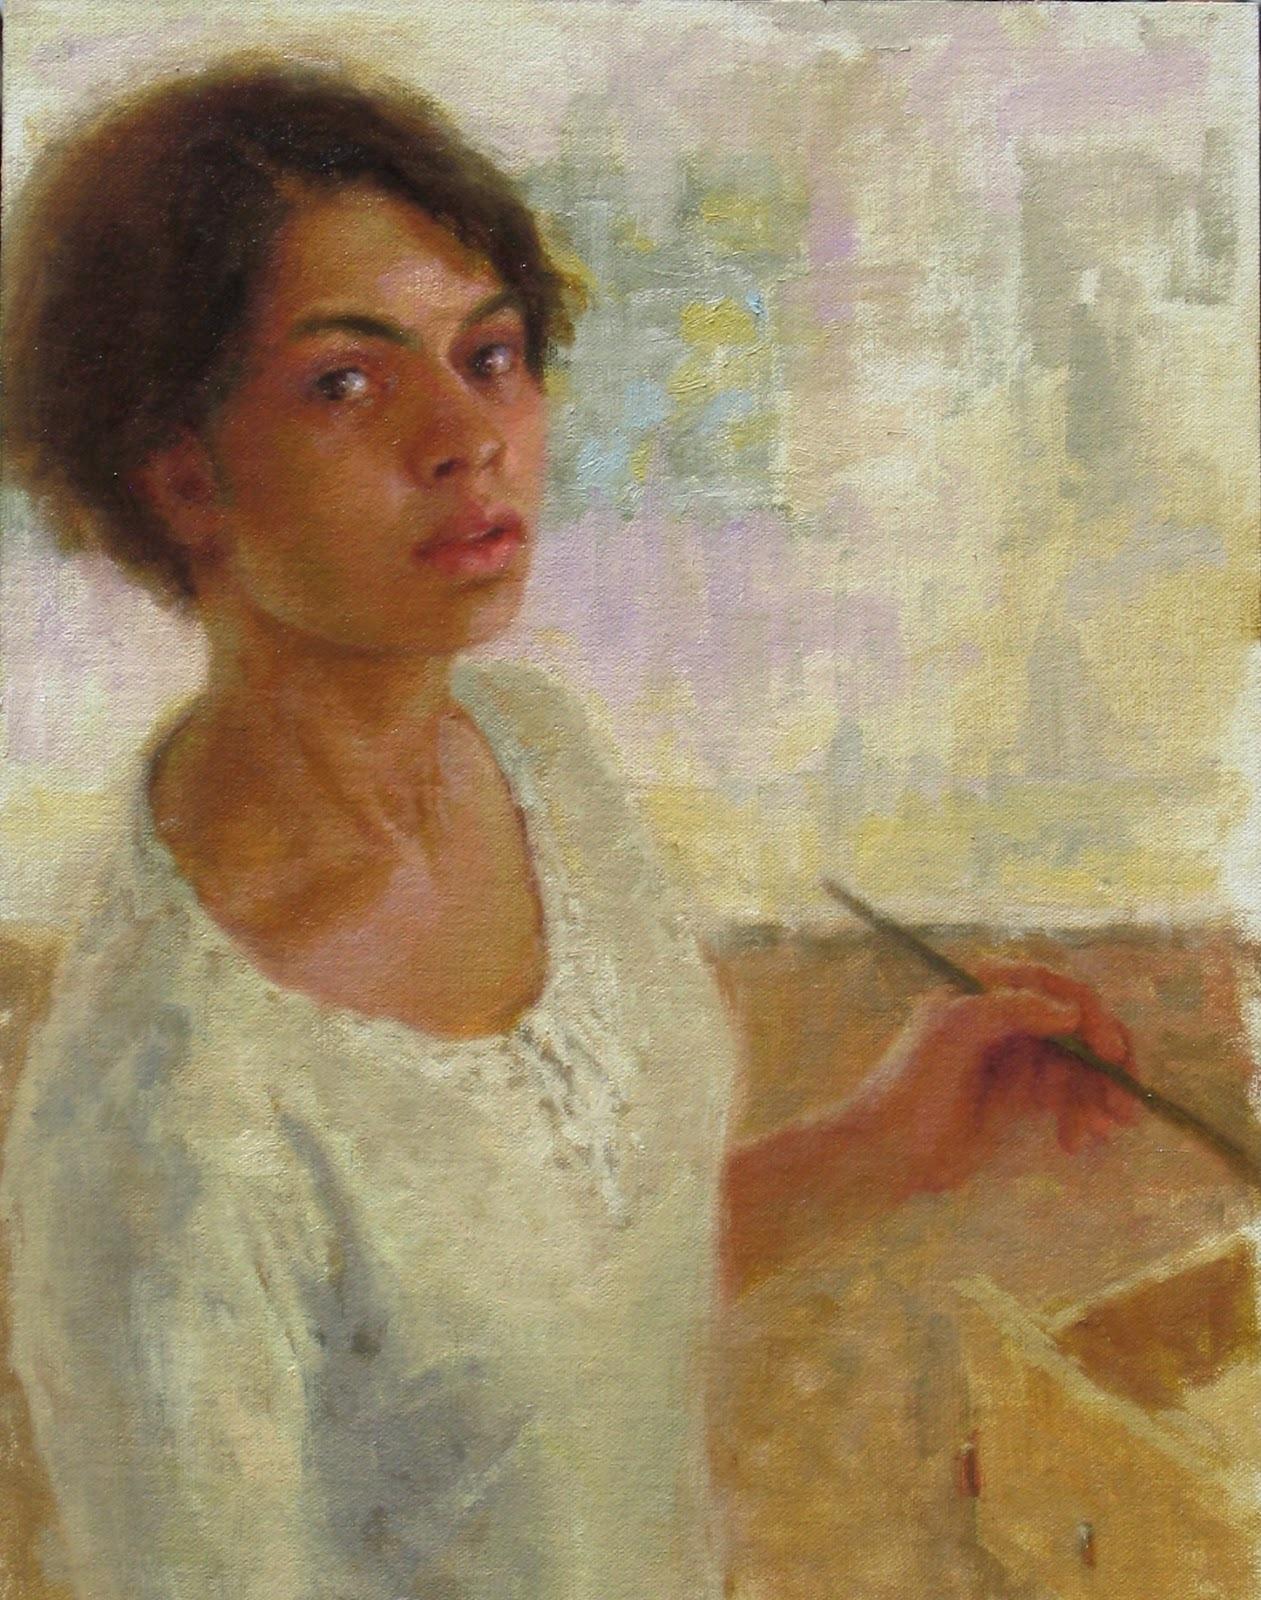 Снехал Пейдж (1986-) - индийская художница.